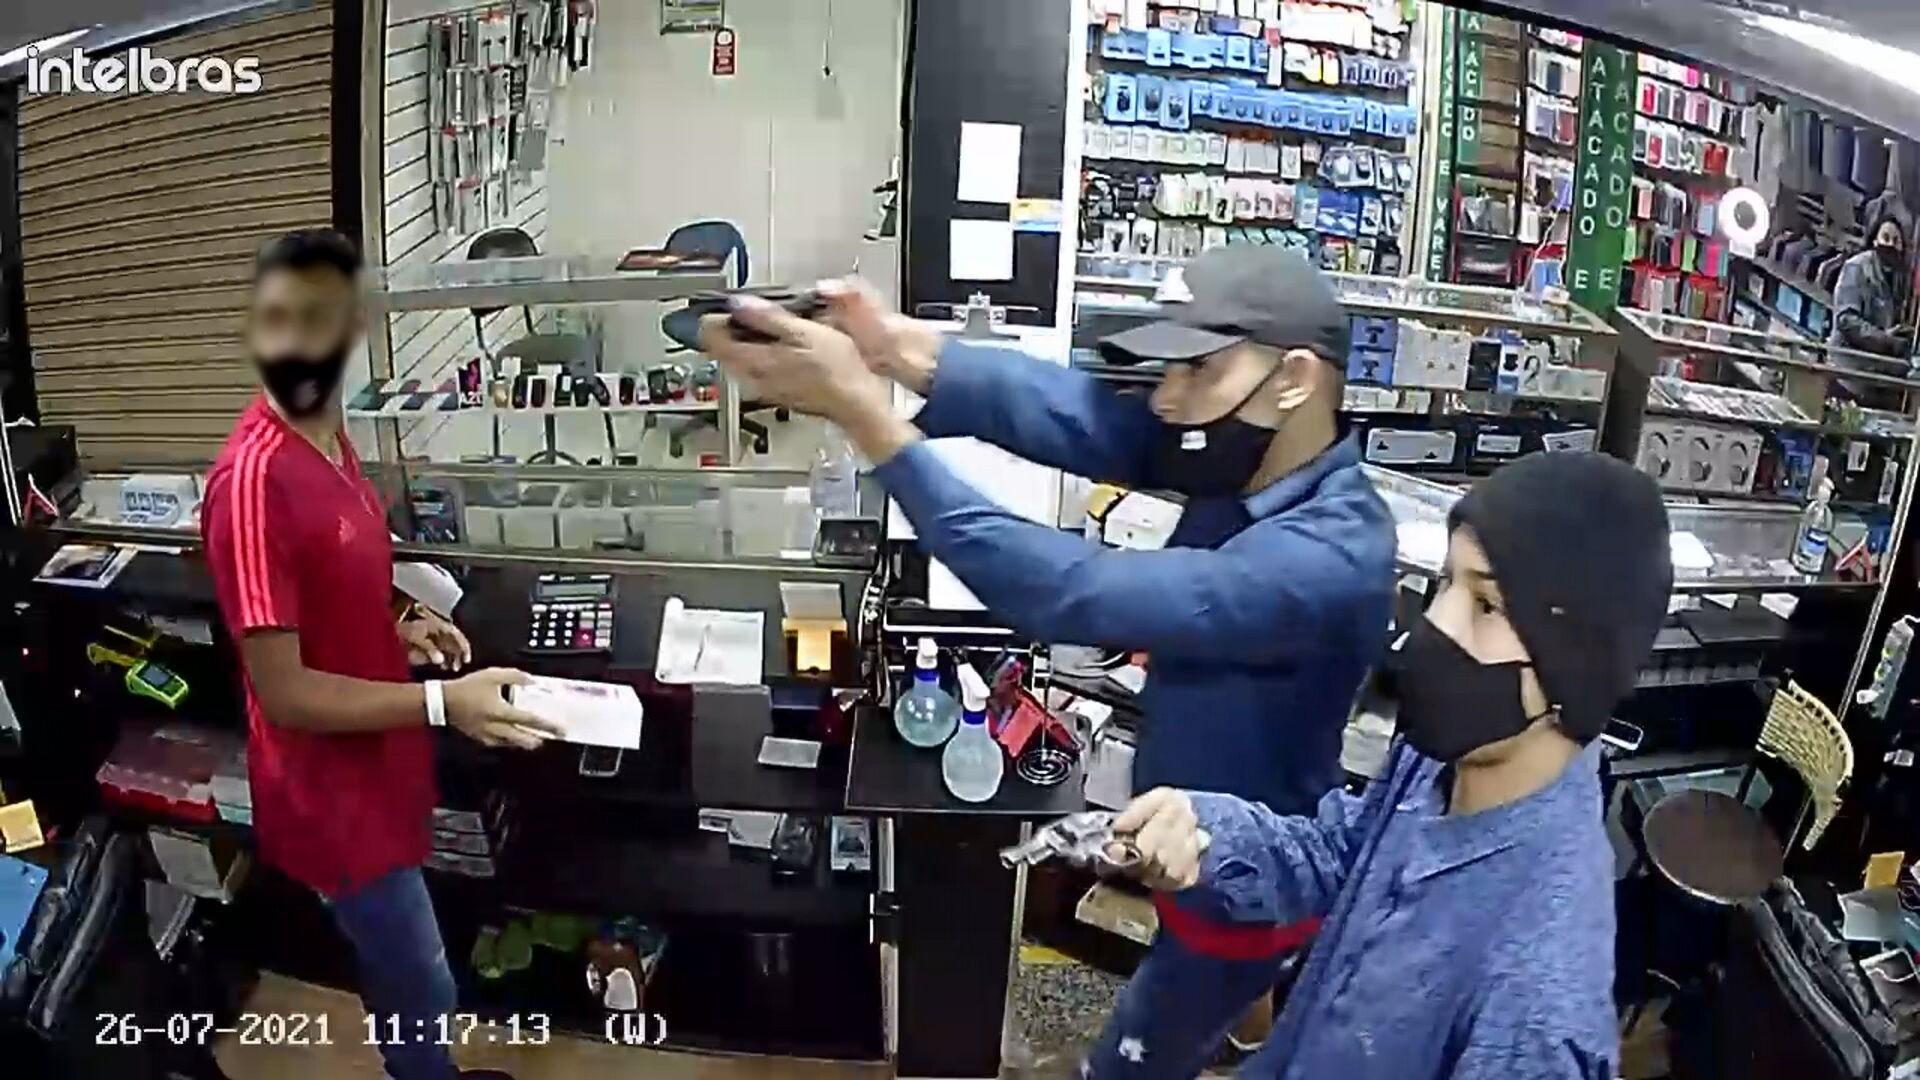 VÍDEO: dupla rende funcionários e rouba celulares em loja no Shopping Popular de Ceilândia